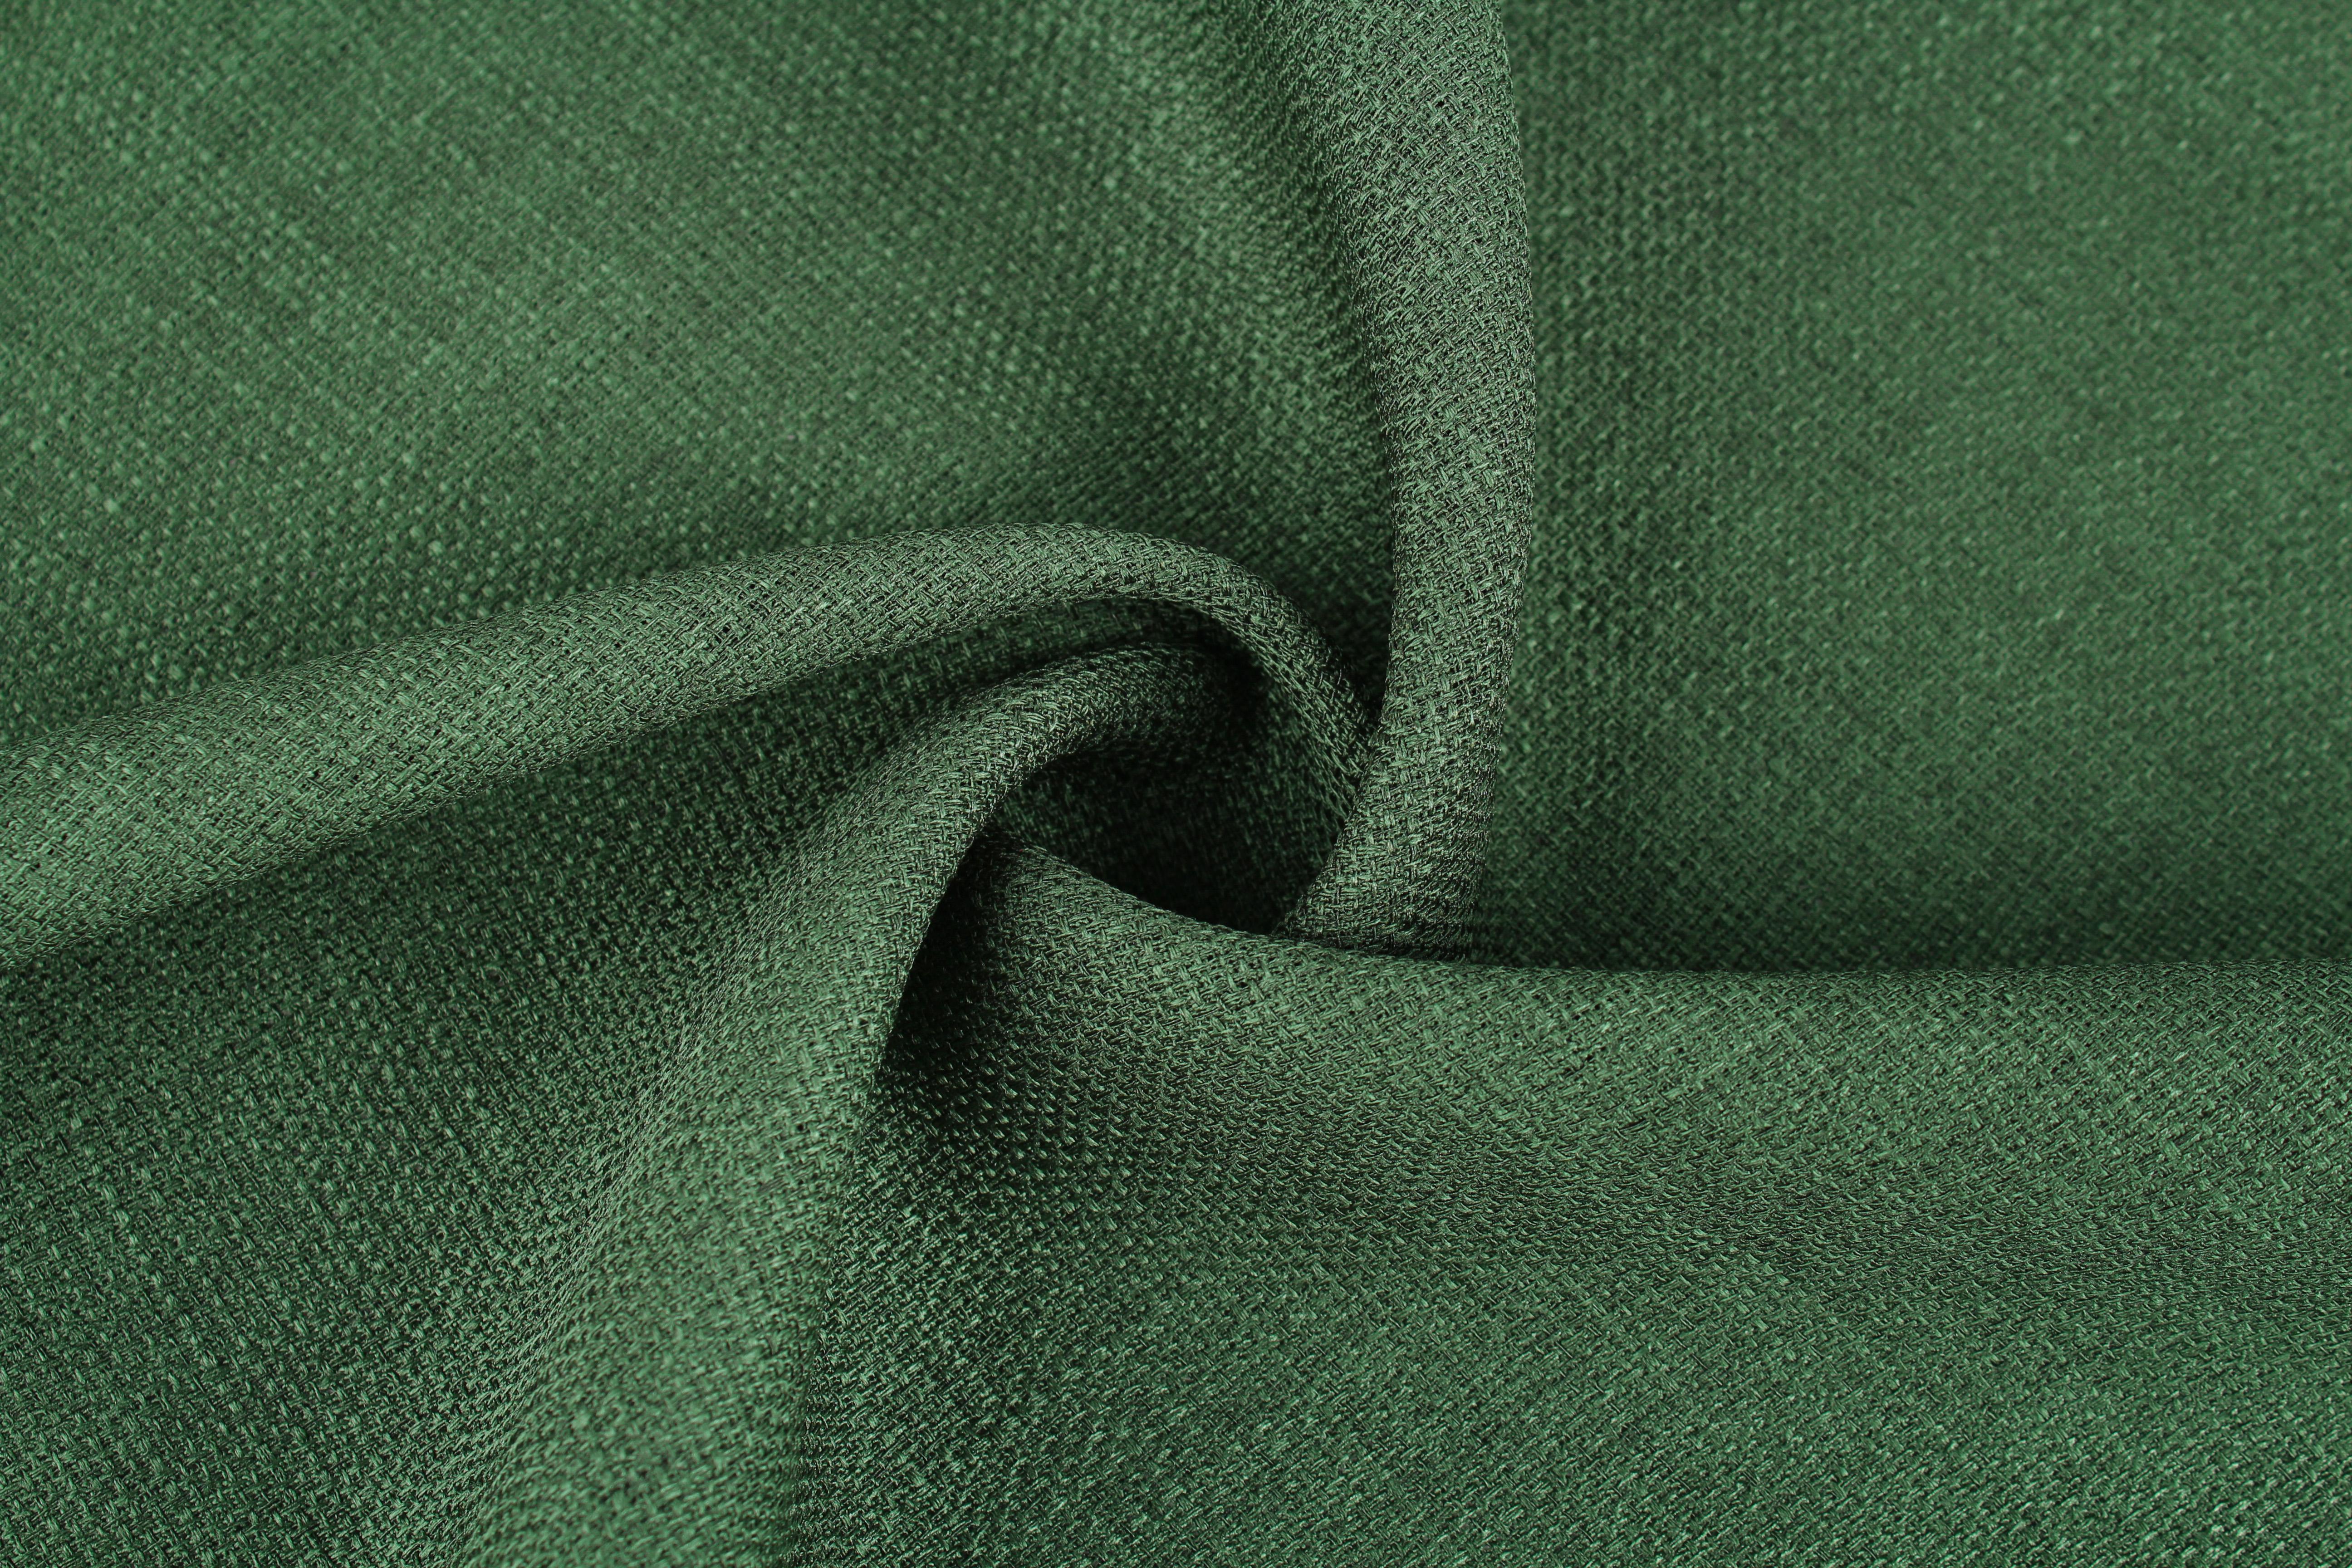 {} TexRepublic Материал Портьерная ткань Tough Цвет: Зеленый texrepublic материал портьерная ткань tough цвет зеленый